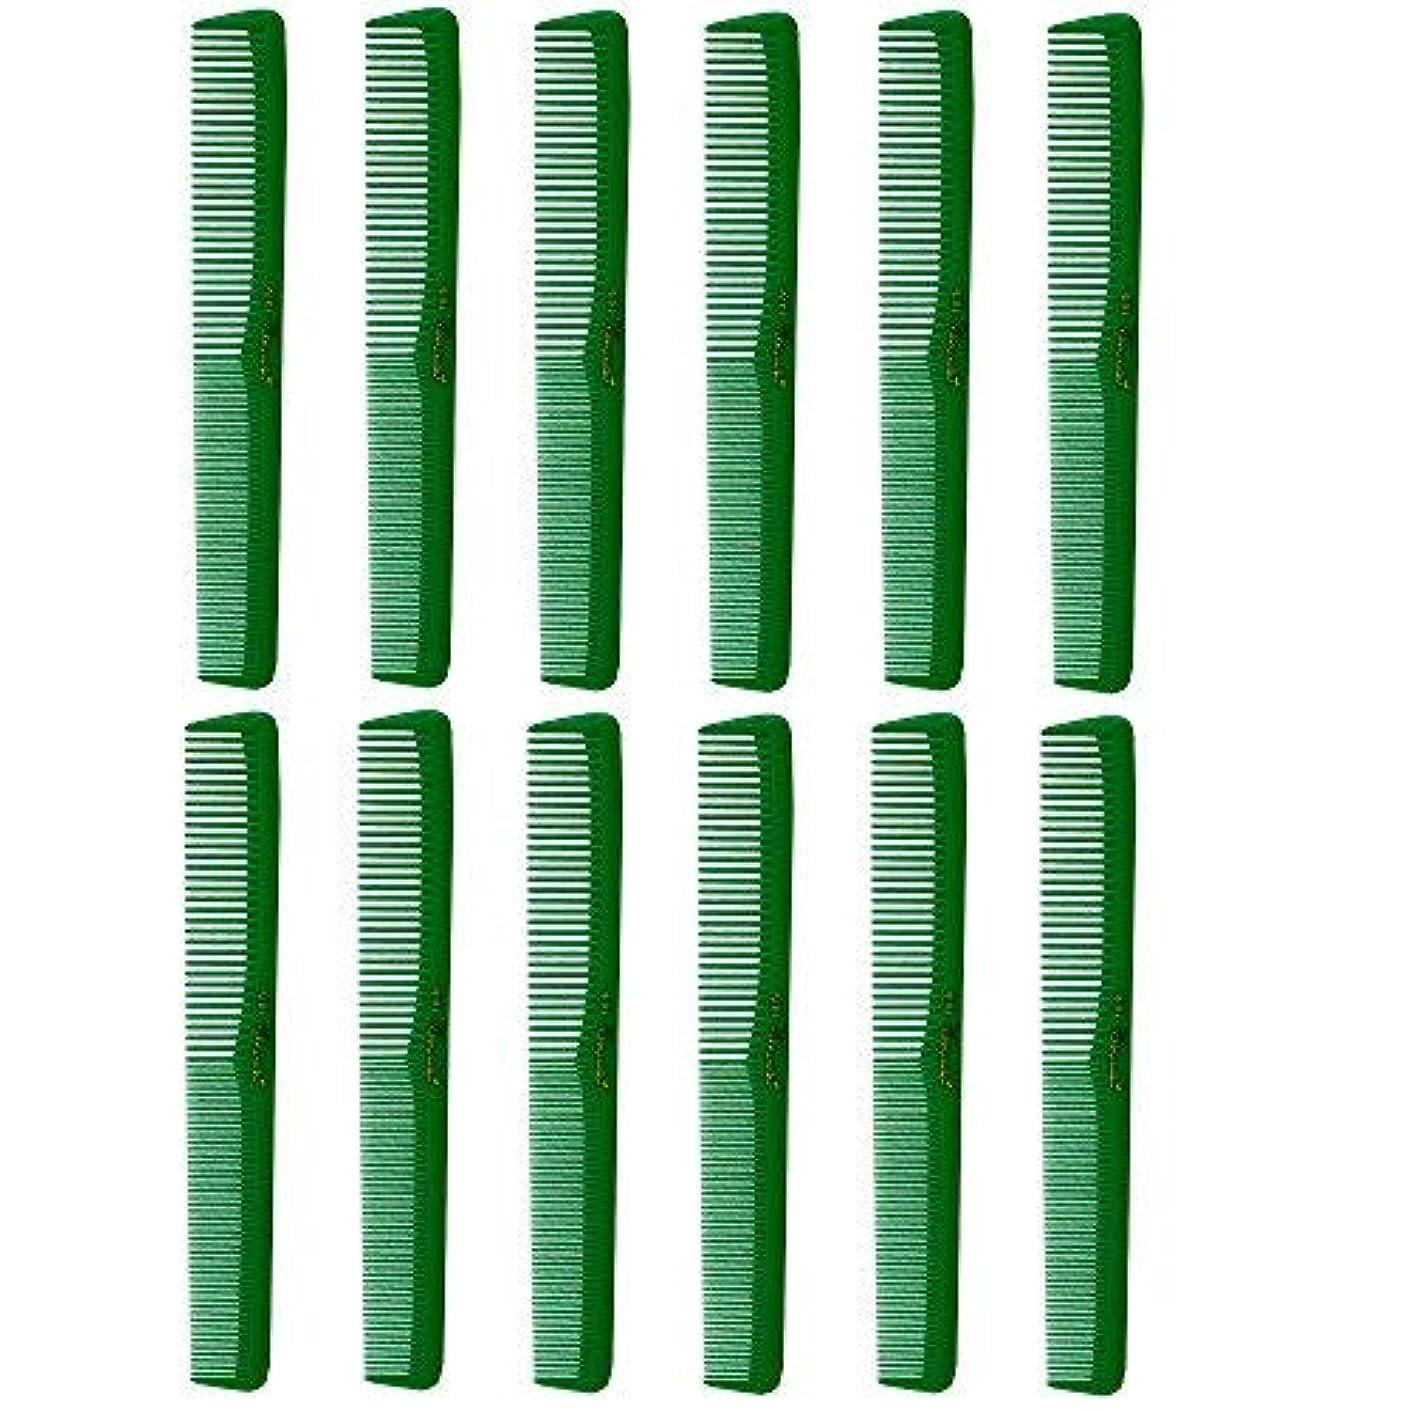 集中ゲスト黄ばむBarber Beauty Hair Cleopatra 400 All Purpose Combs (12 Pack) 12 x SB-C400-GREEN [並行輸入品]